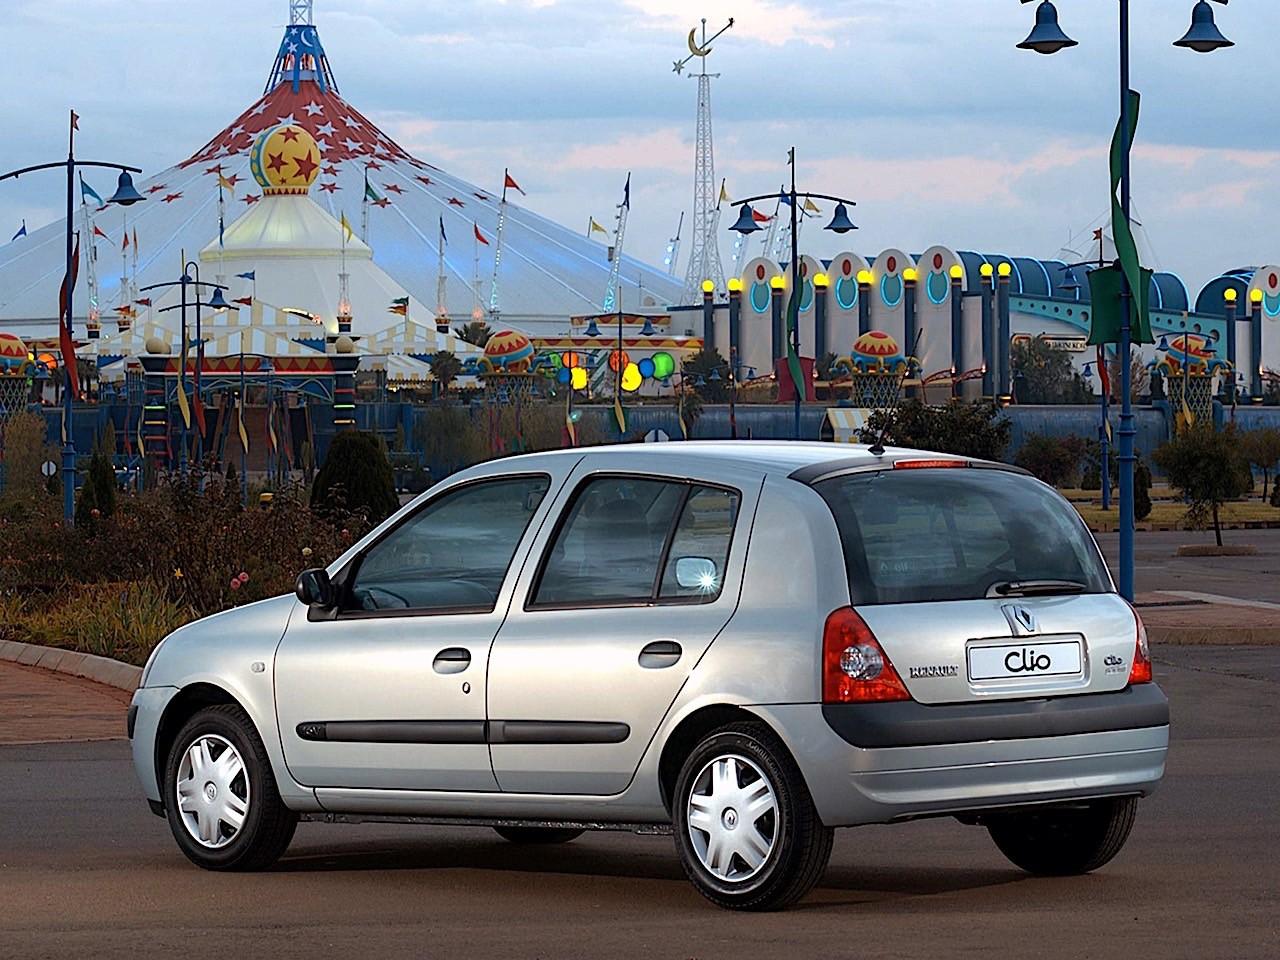 Renault Clio 5 Doors Specs 2001 2002 2003 2004 2005